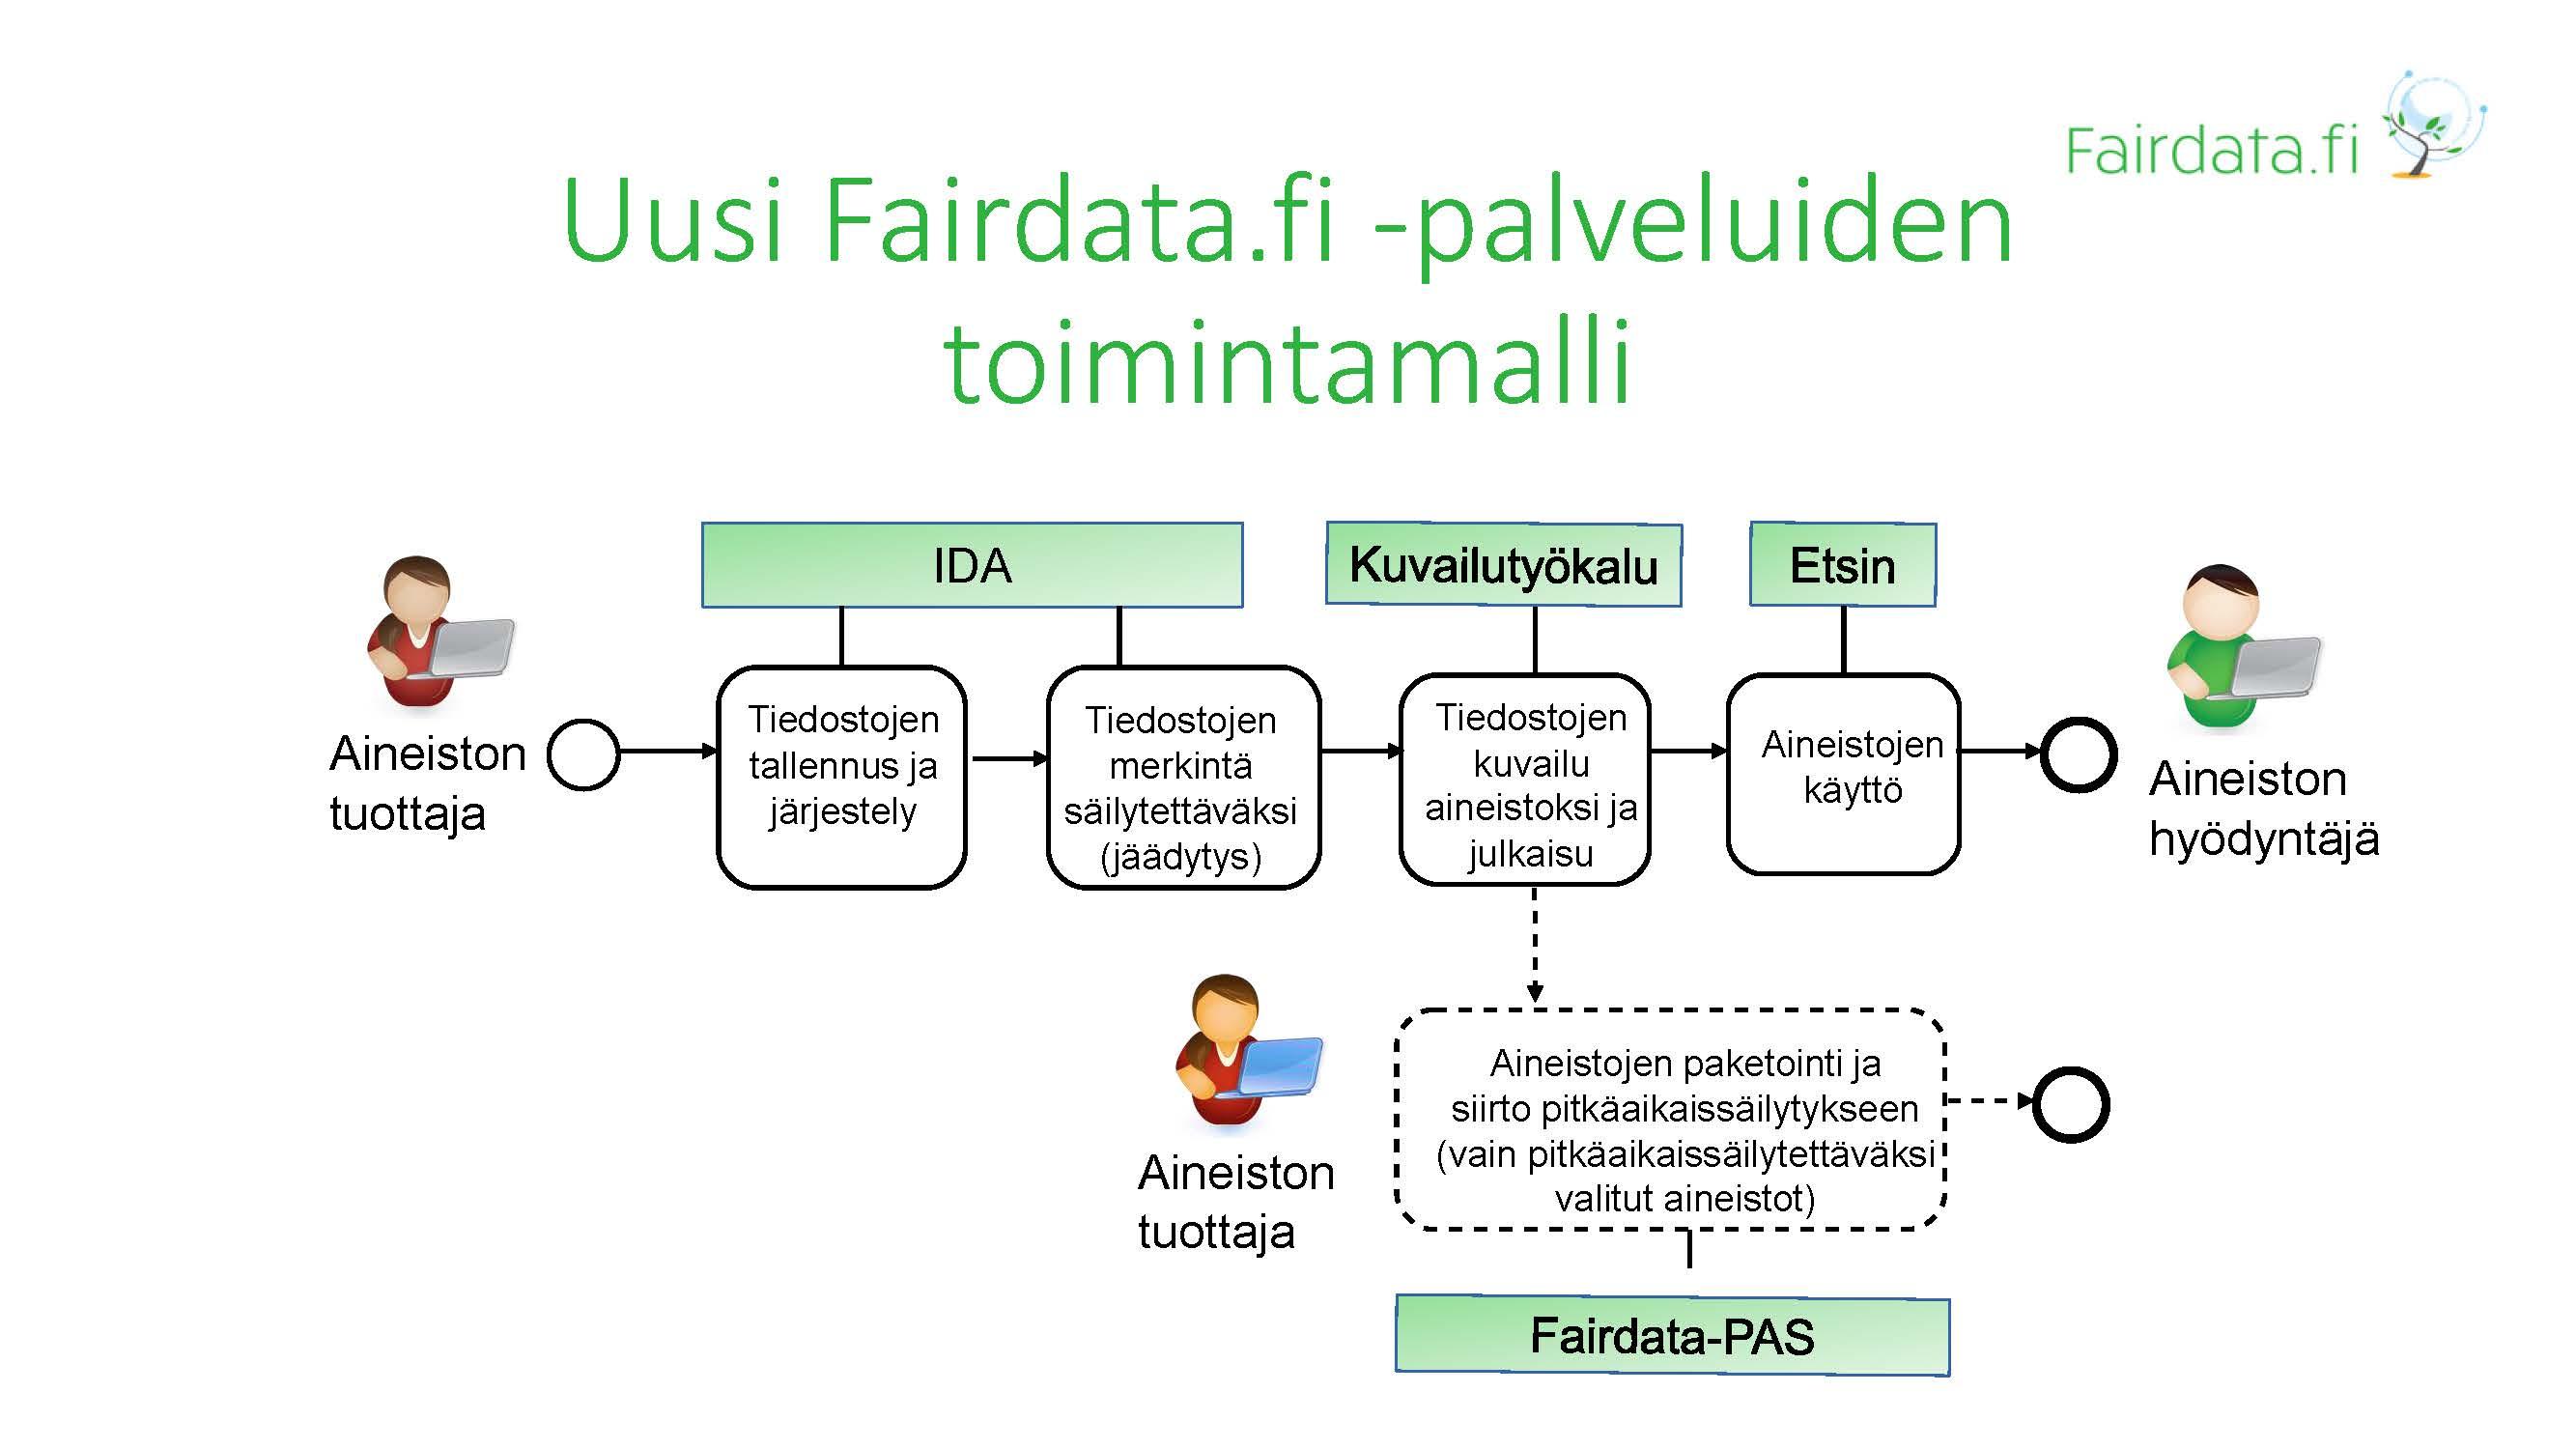 Fairdata.fi -palveluiden toimintamalli.